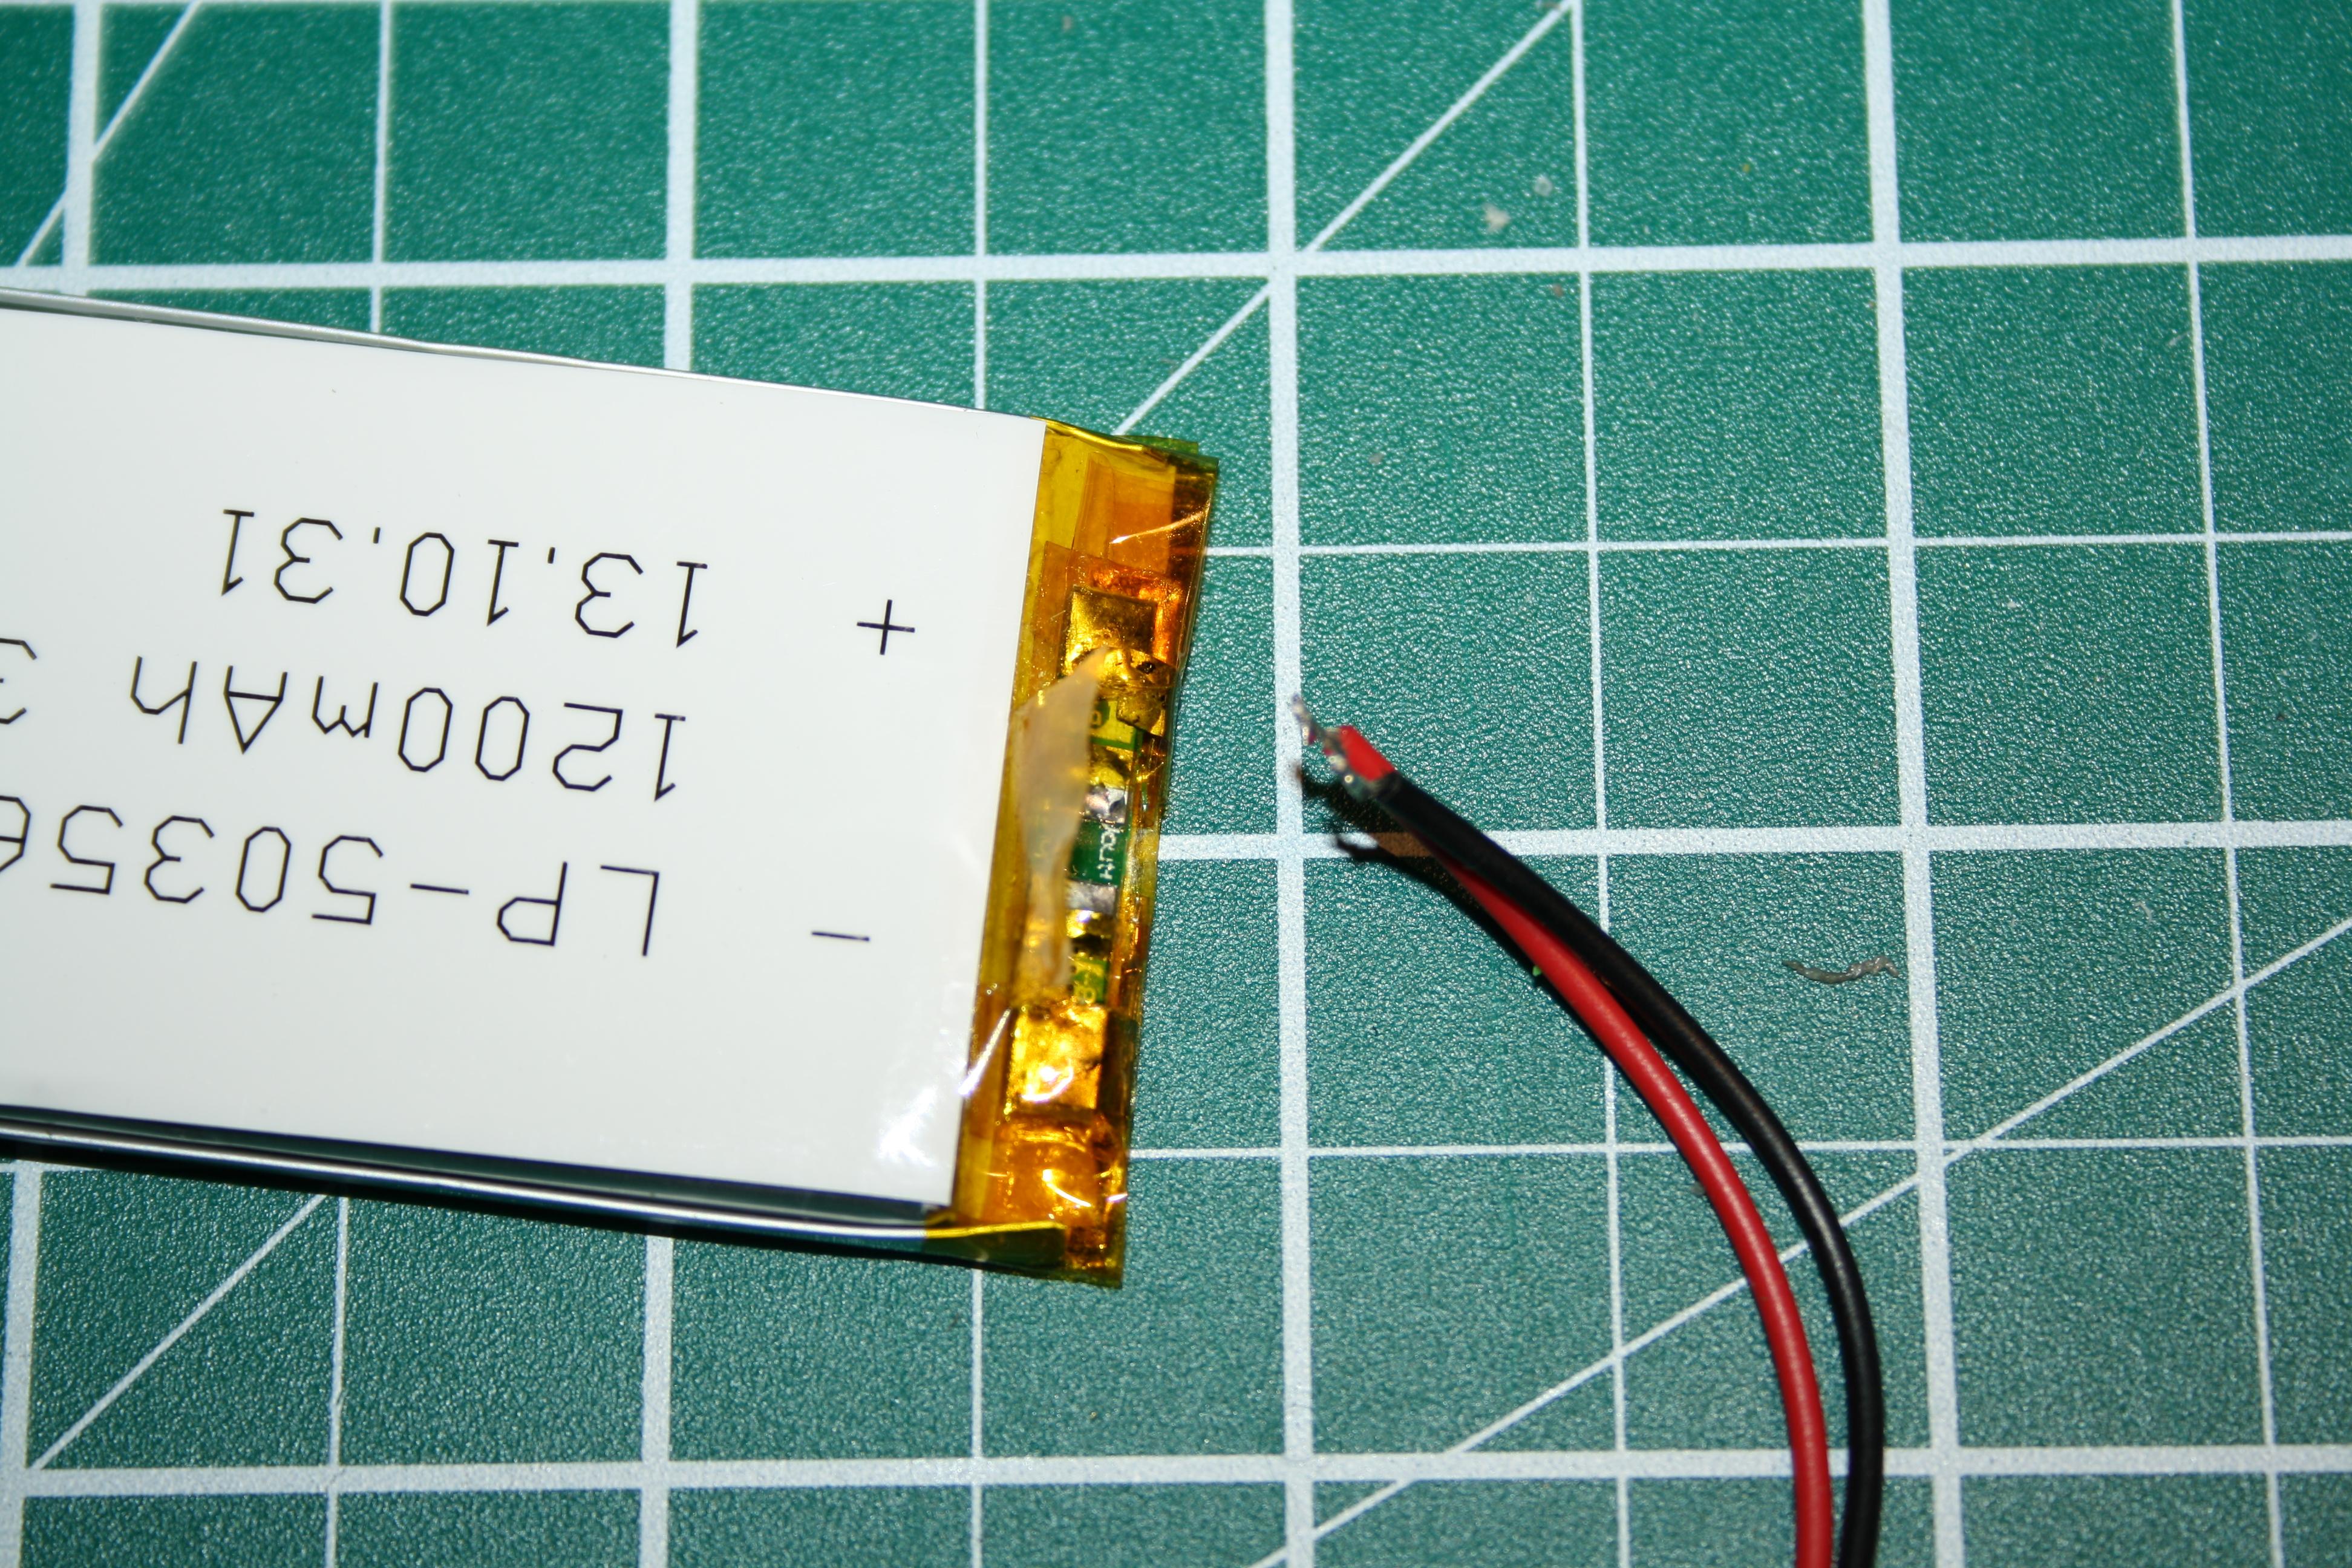 lcds___displays_IMG_2271.jpg